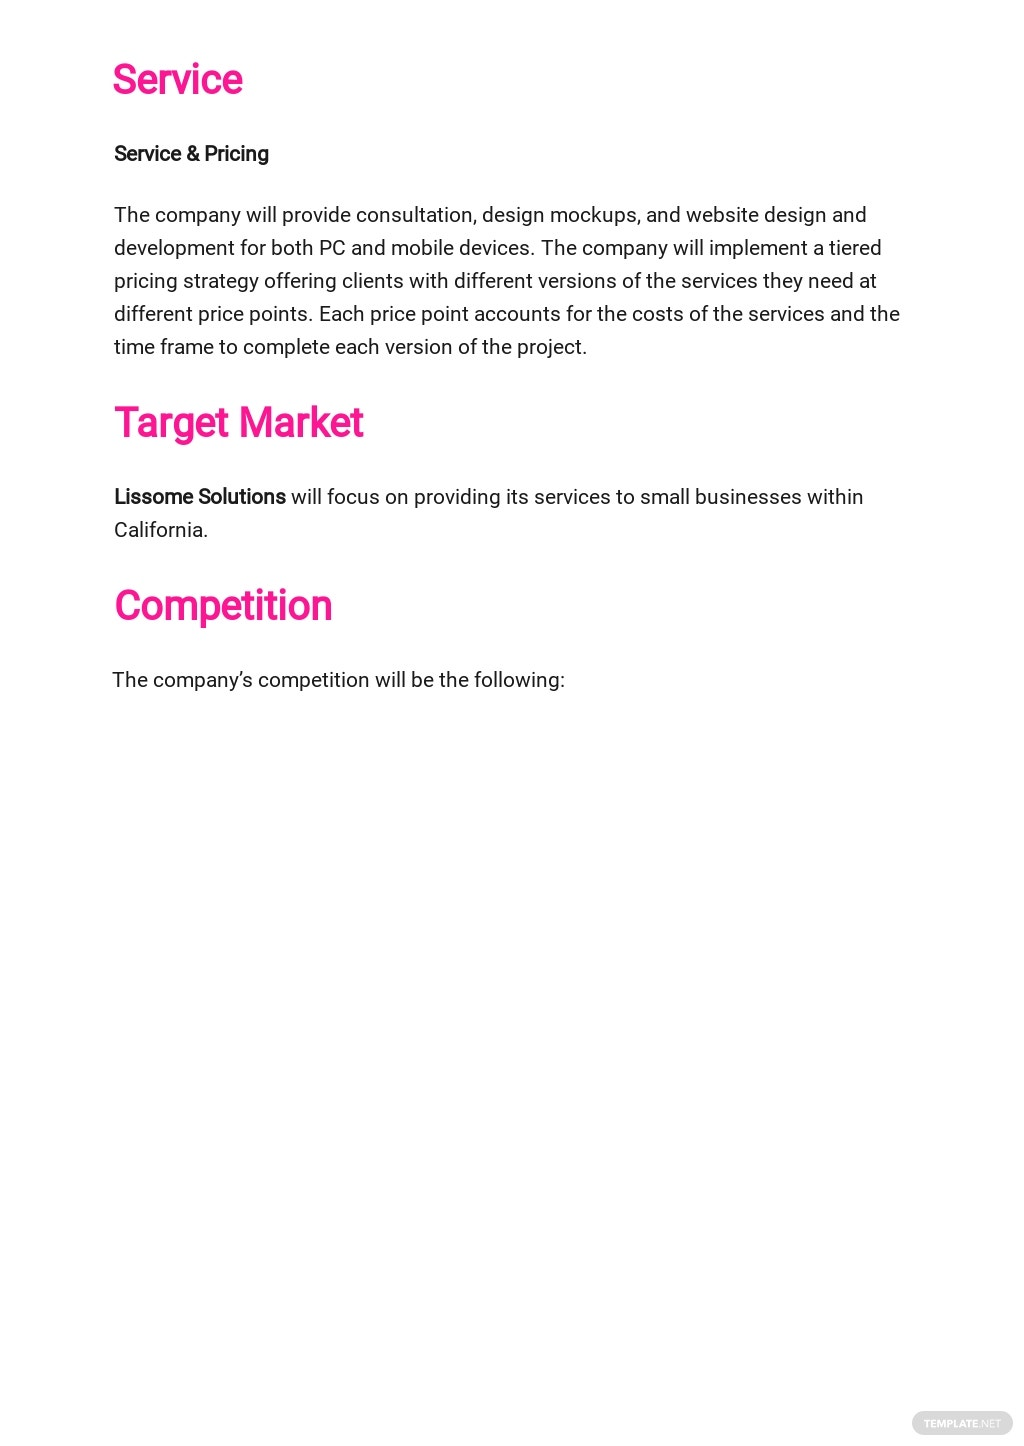 Website Design and Development Business Plan Template 2.jpe